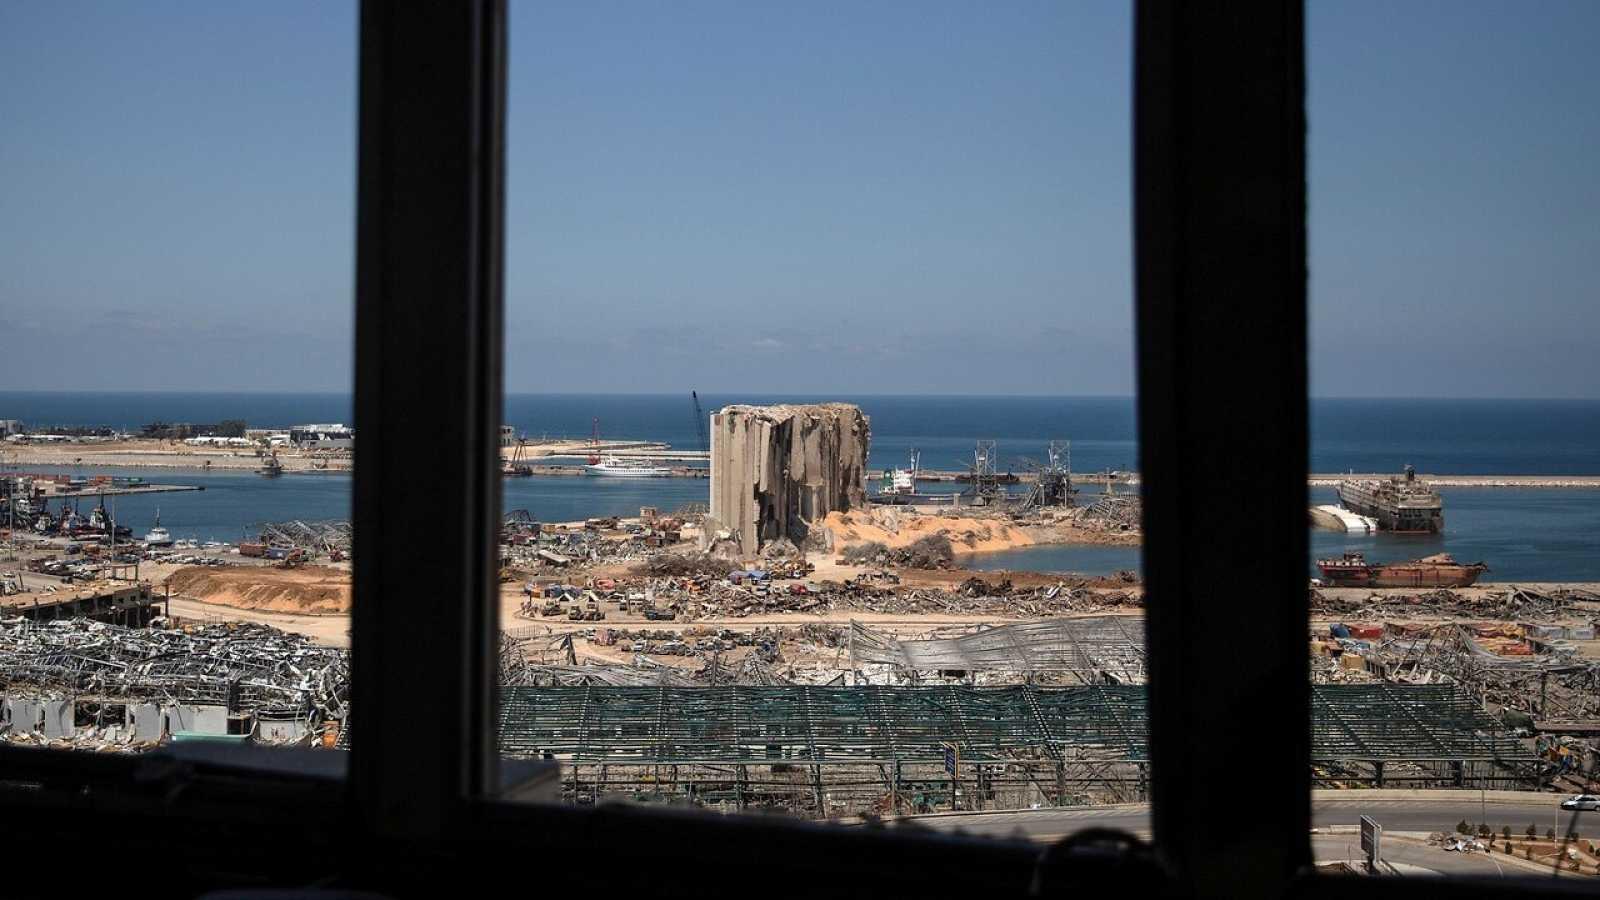 Vistas del puerto de Beirut tras la explosión del 4 de agosto